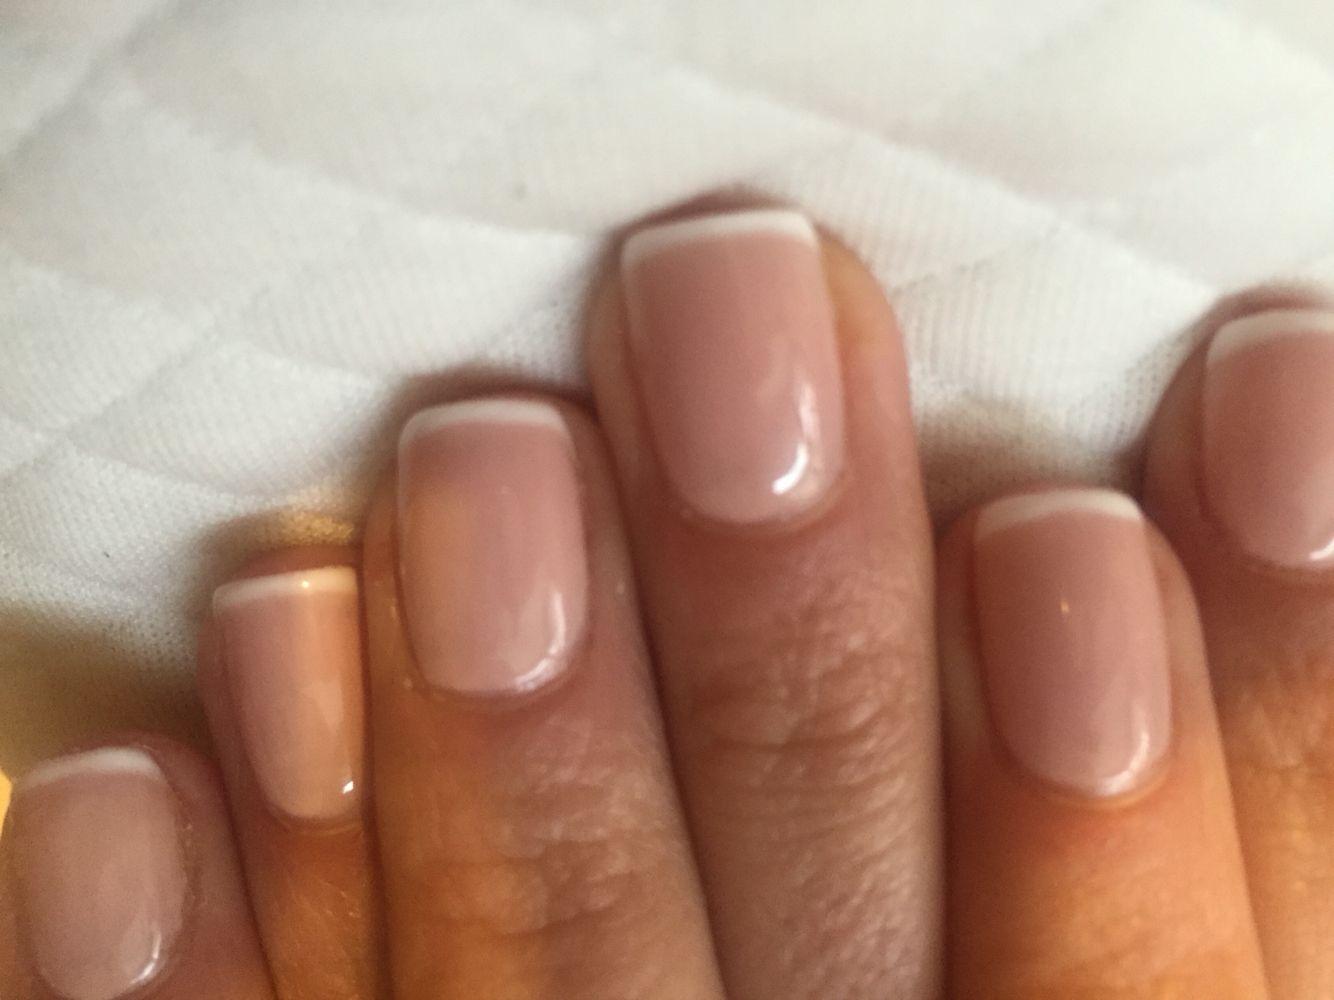 Thin french no chip manicure | Beauty | Pinterest | Manicure, Mani ...